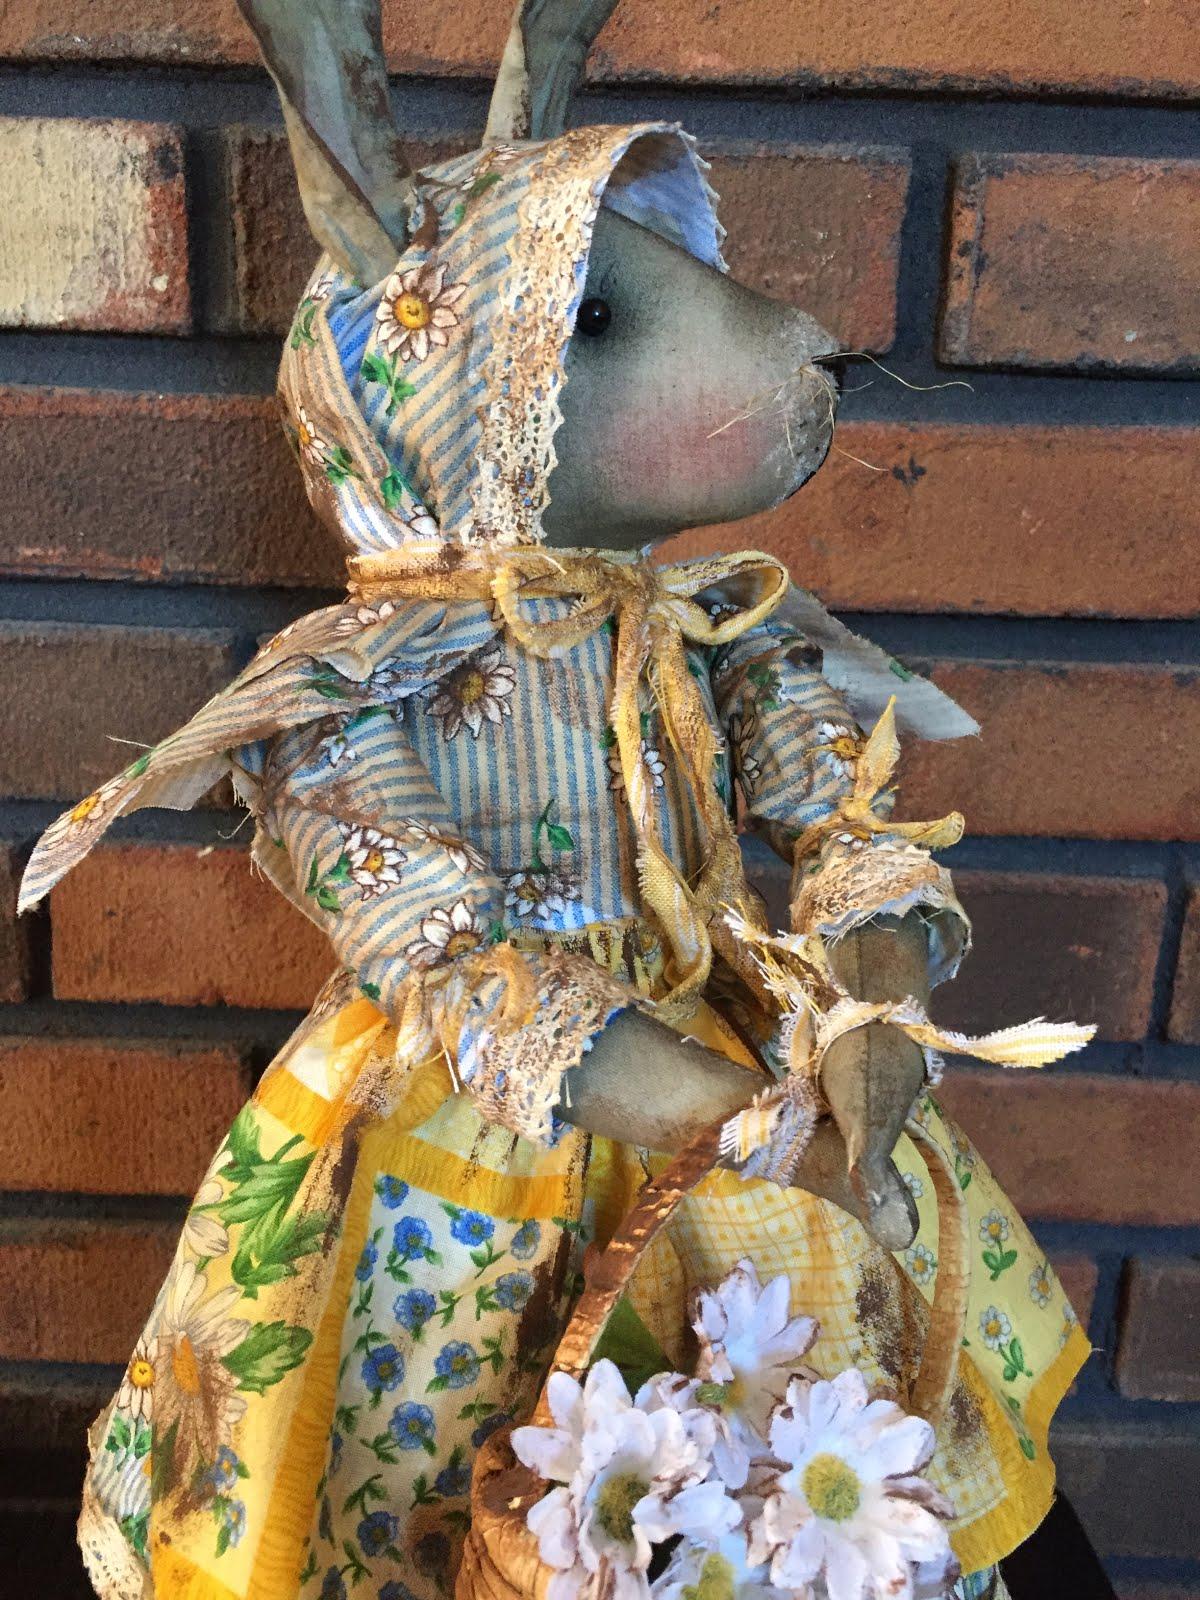 Daisy May Bunny